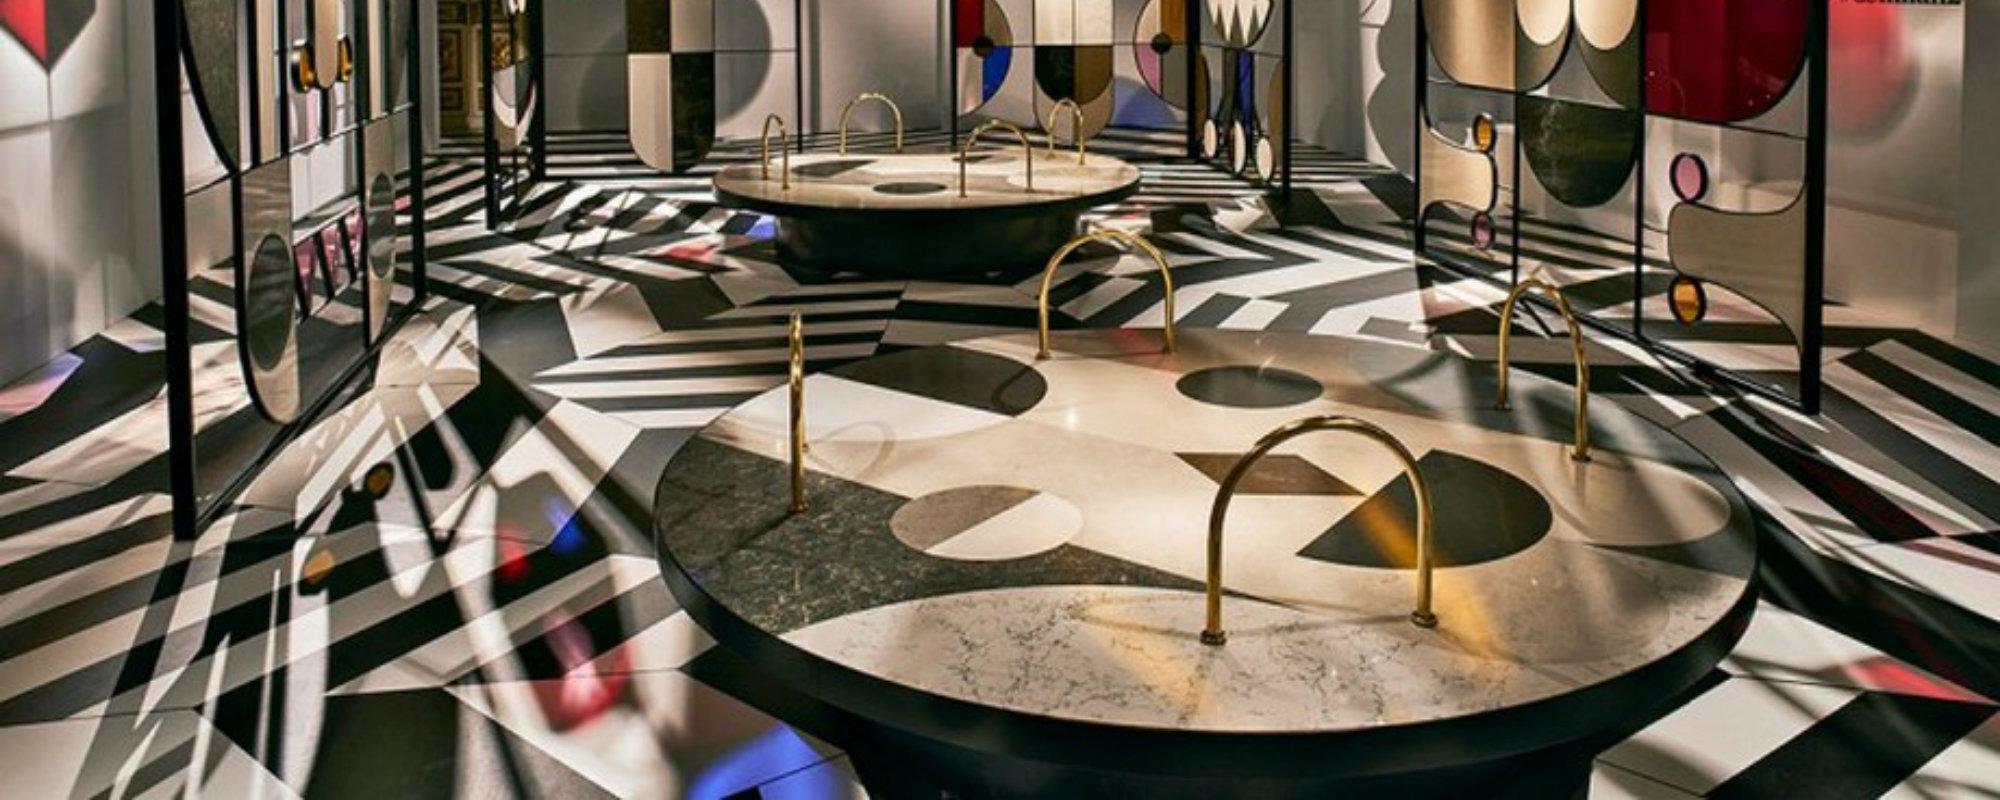 HAYON STUDIO: UNA HISTORIA DE INTERIORISMO DE LUJO EN VALENCIA hayon studio Hayon Studio: Una historia de Interiorismo de lujo en Valencia Featured 4